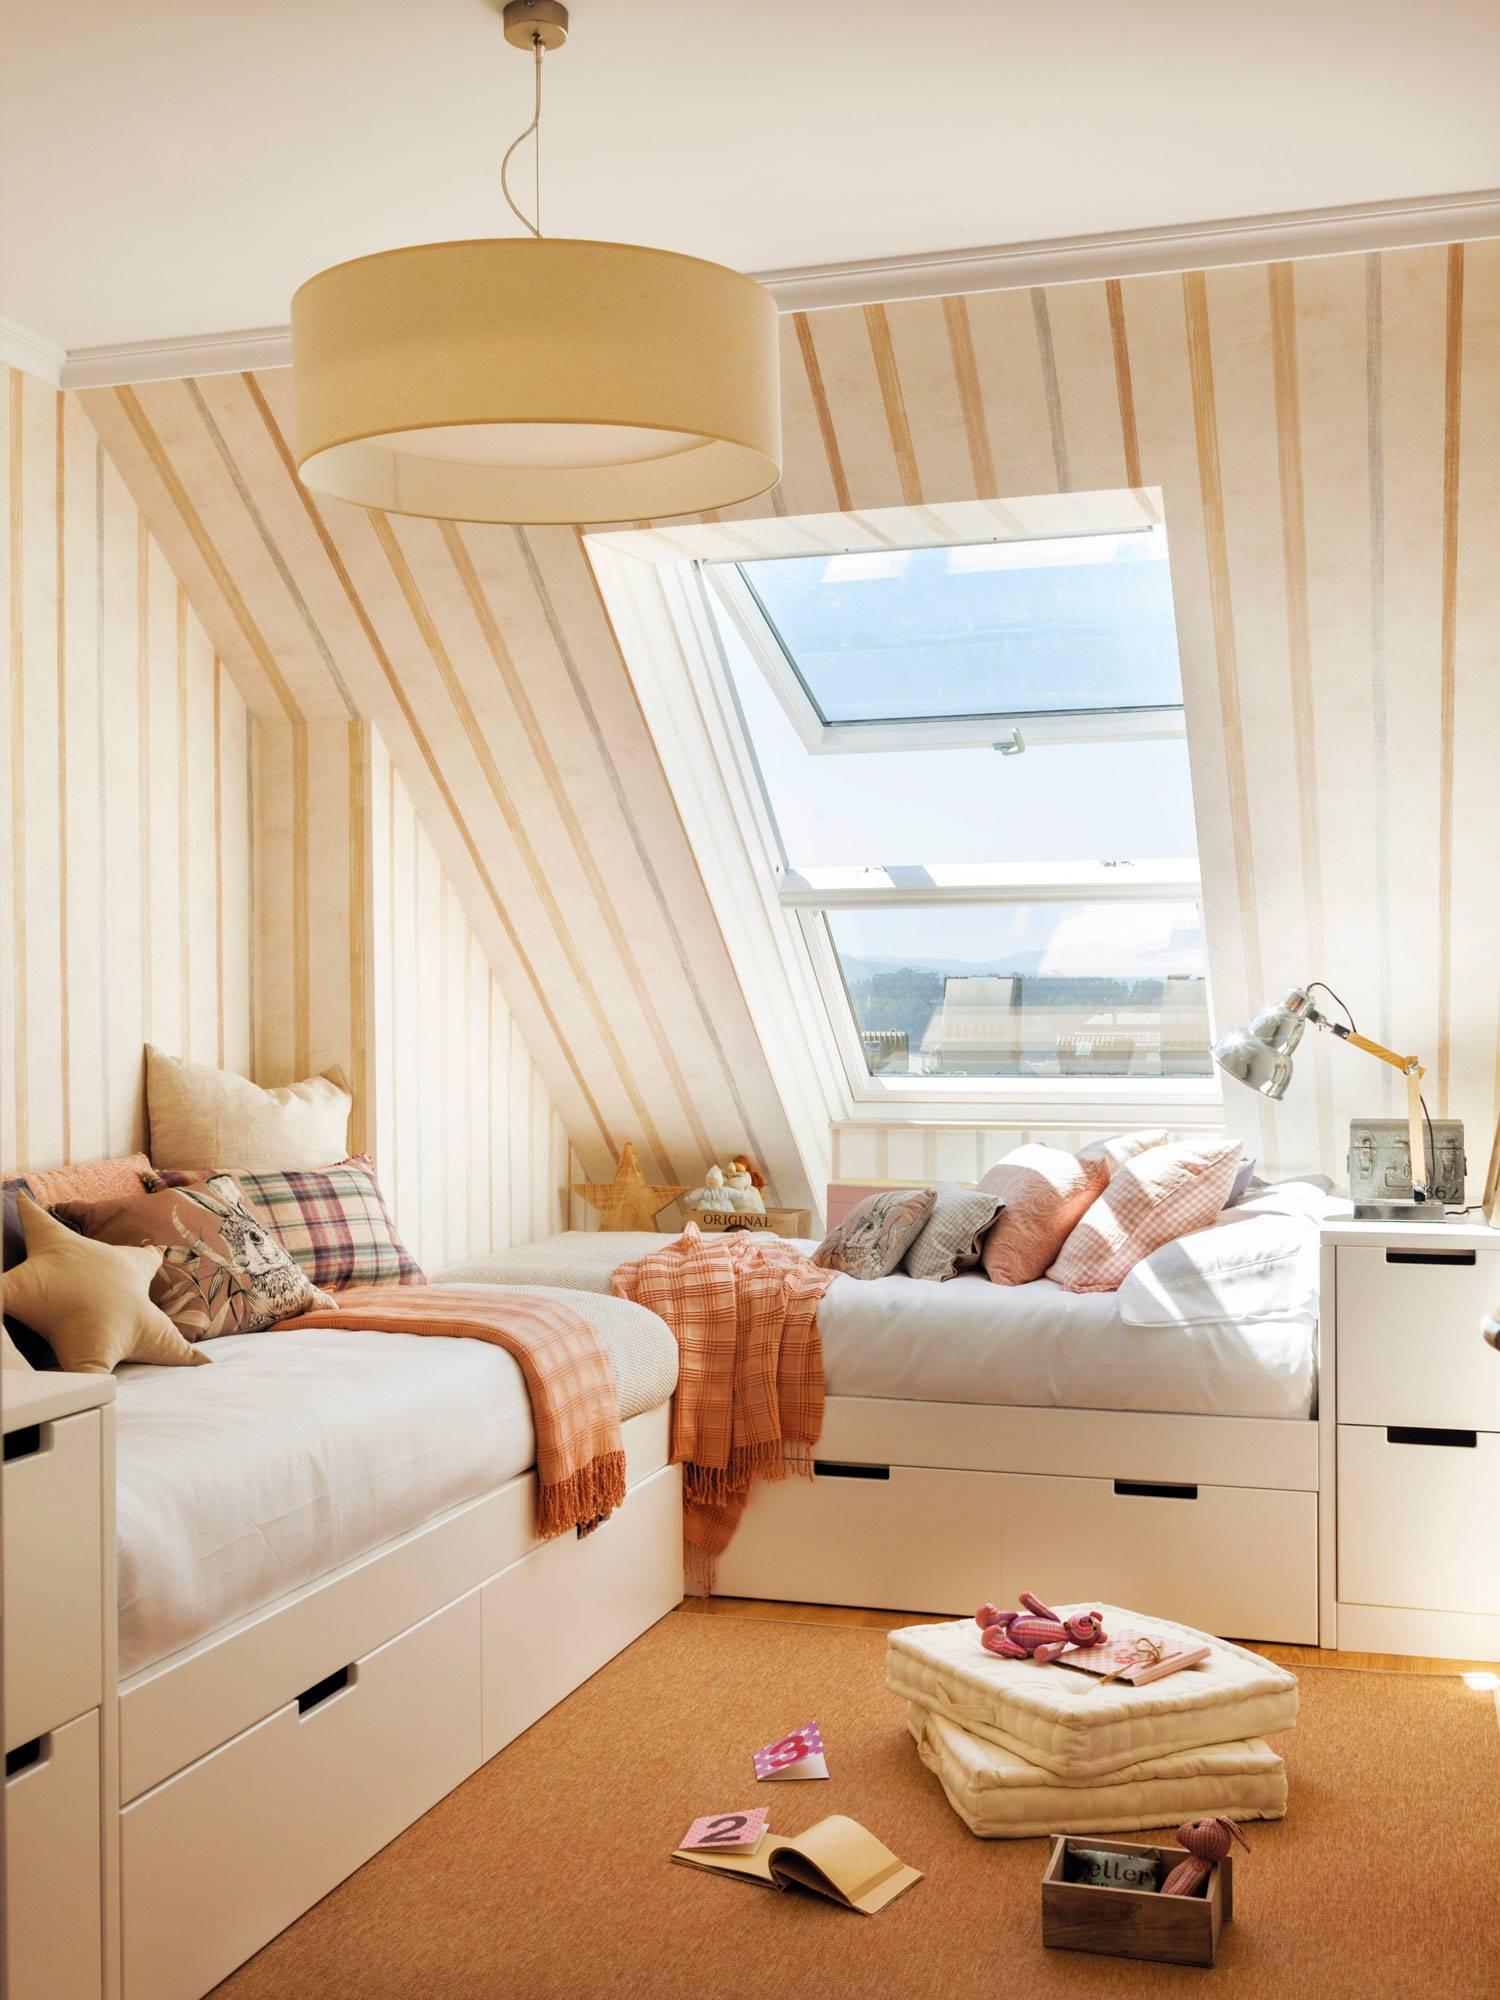 293 fotos de muebles a medida - Muebles dormitorio juvenil ...